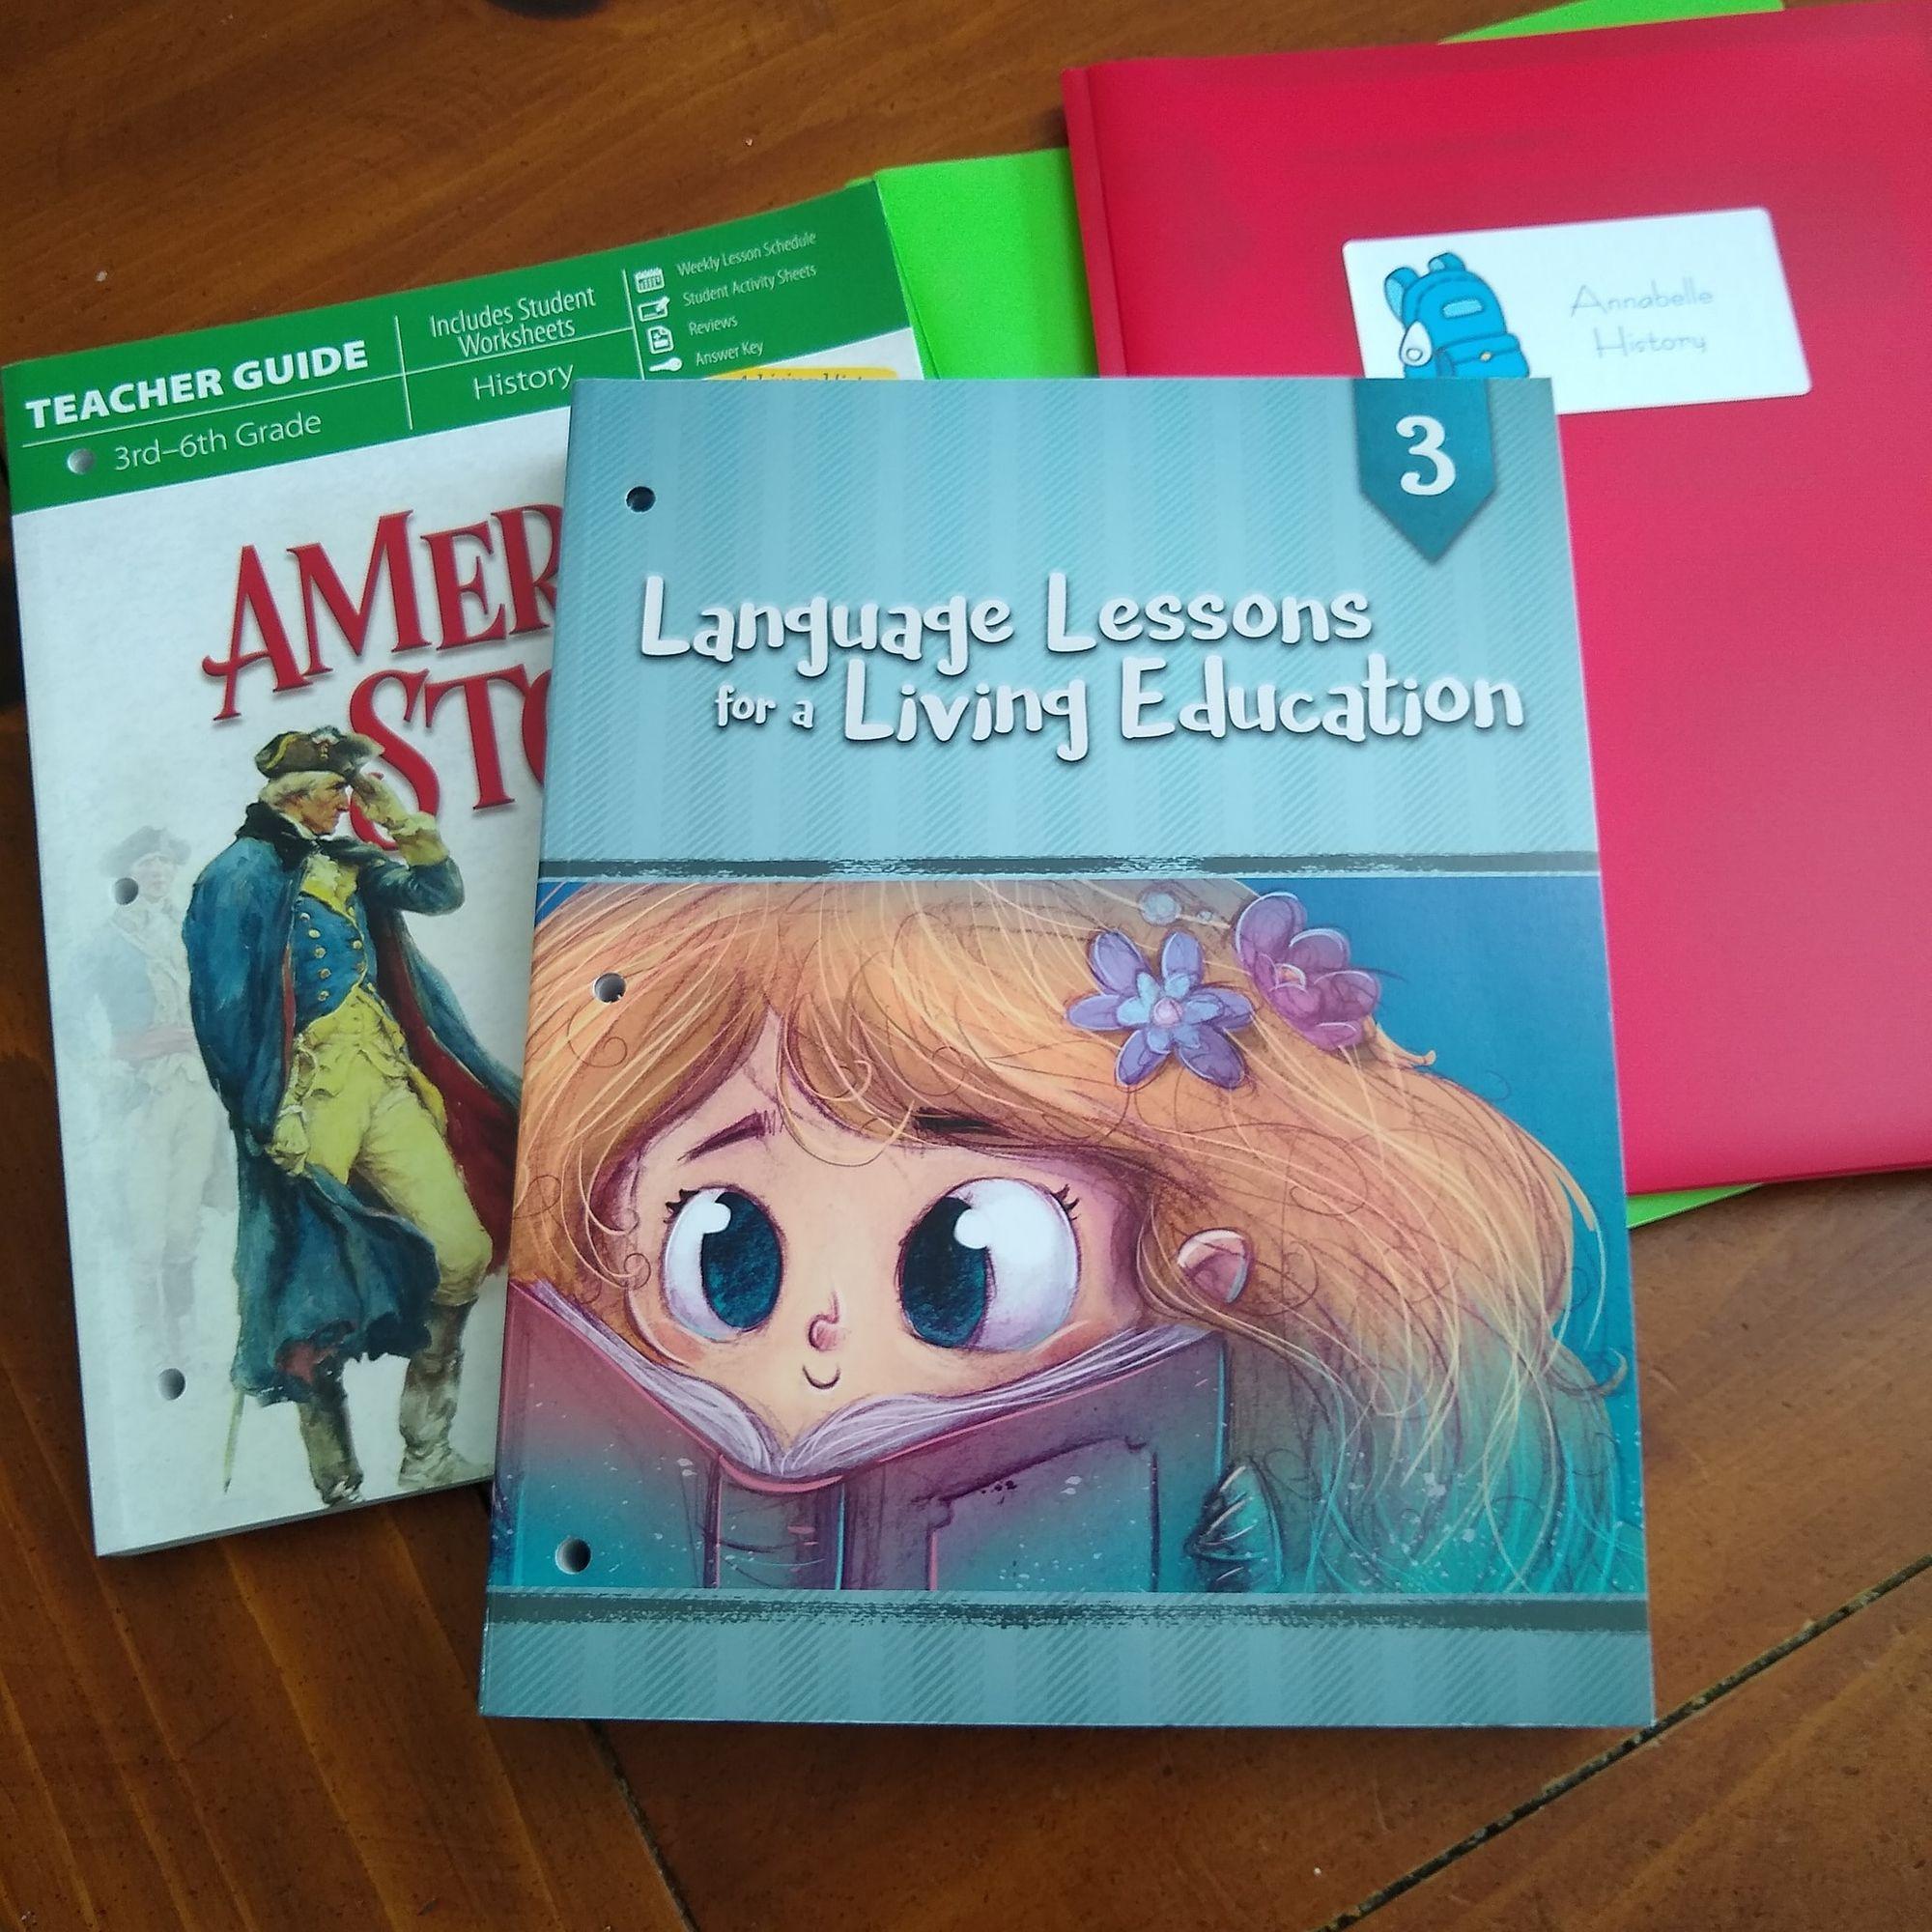 44 Third Grade Homeschool Curriculum 3rd grade ideas   third grade  homeschool [ 2000 x 2000 Pixel ]